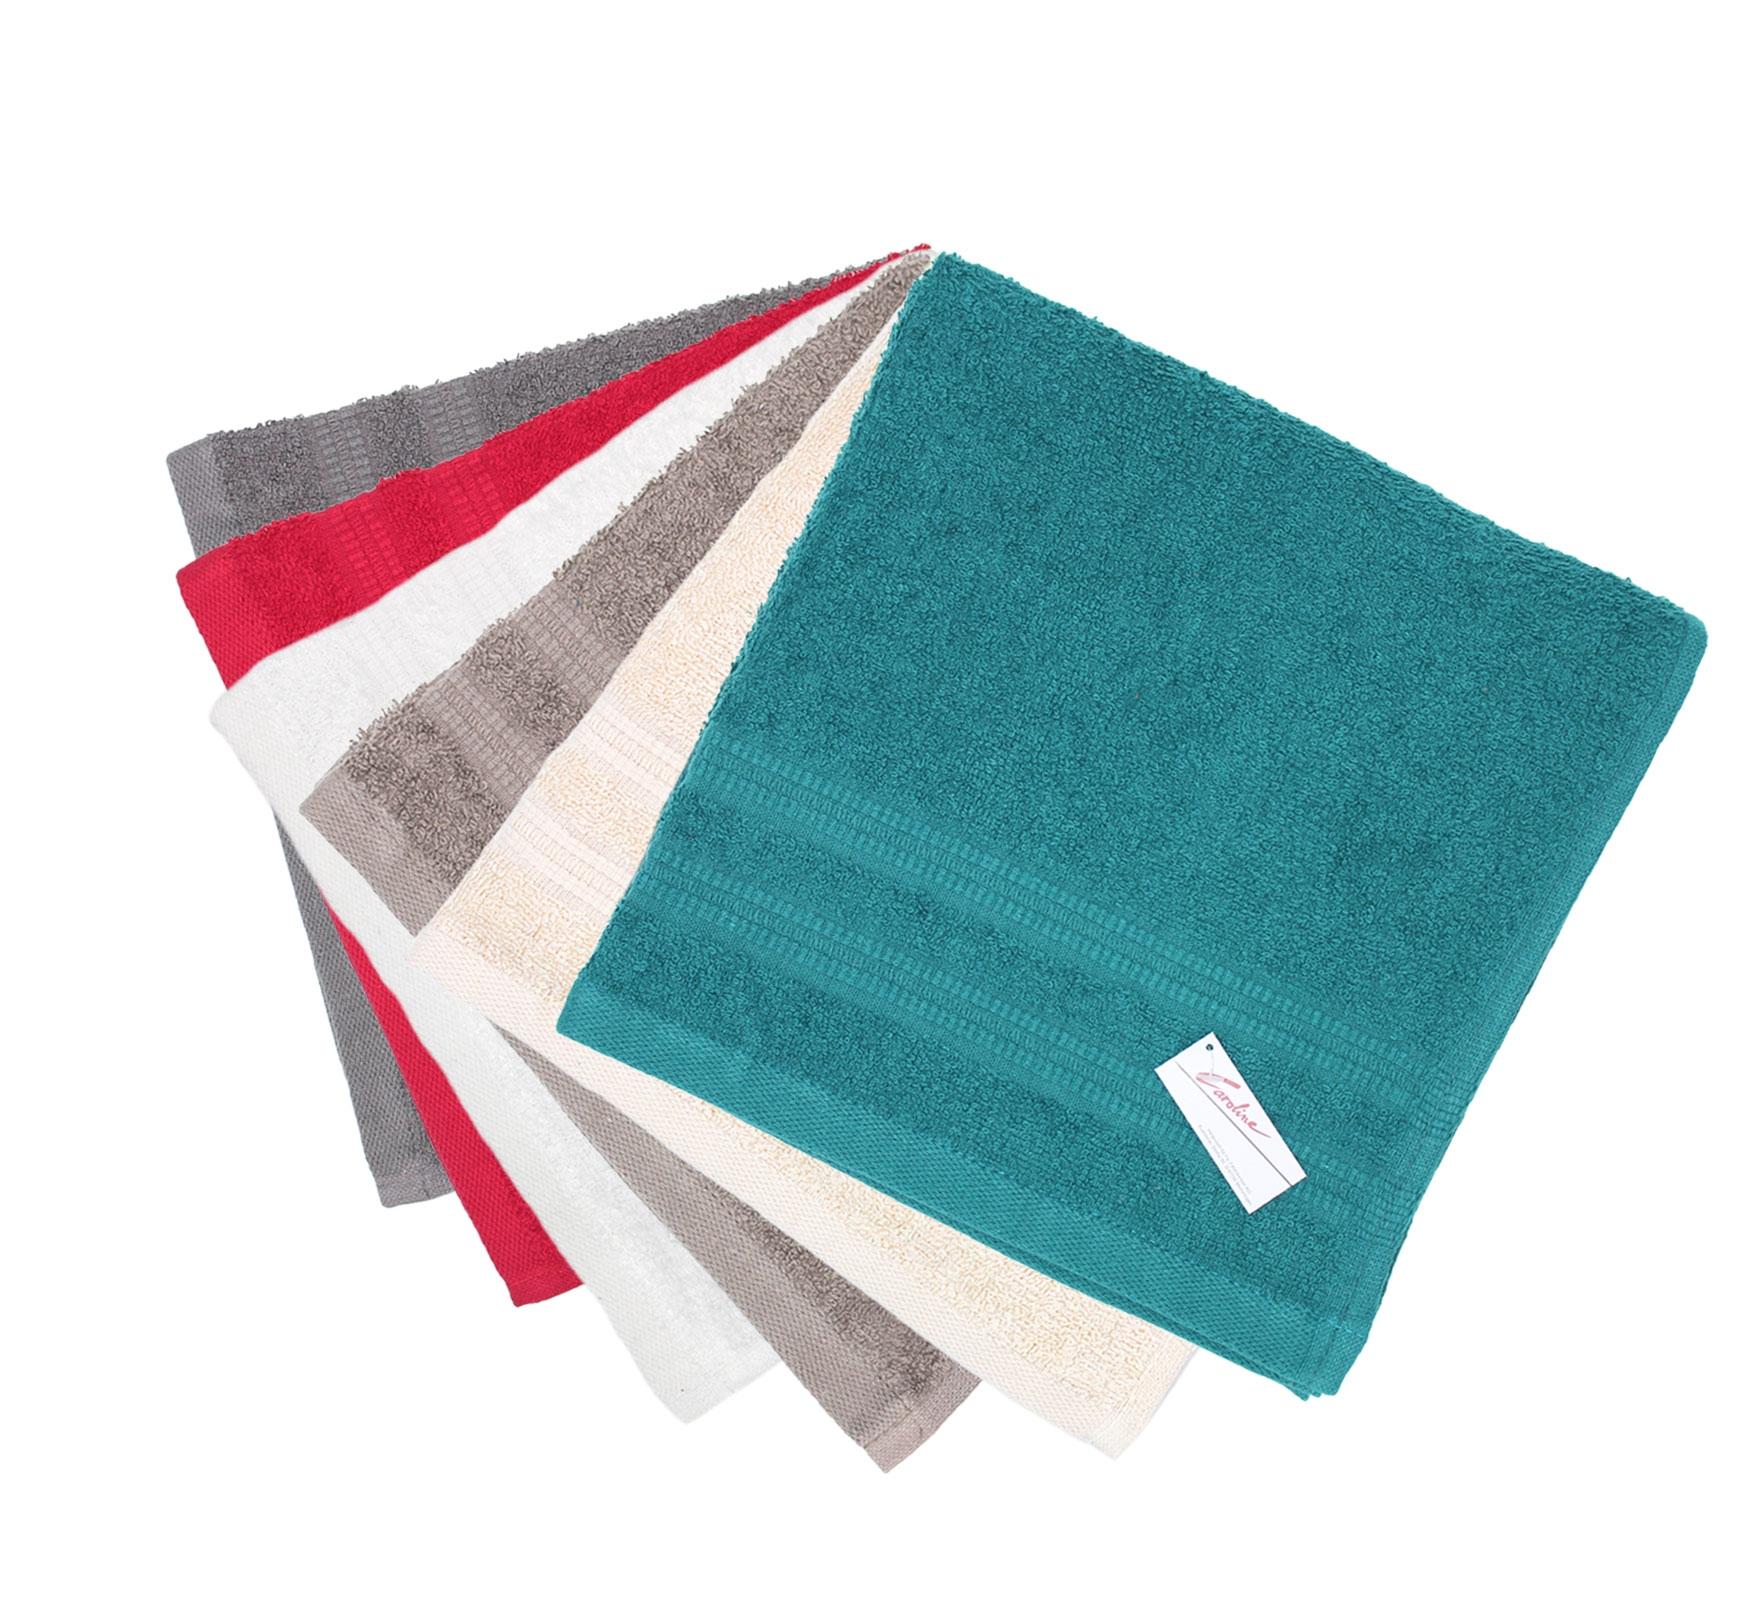 Badtextilien - Handtuch Serie Caroline 400g m²  - Onlineshop PremiumShop321